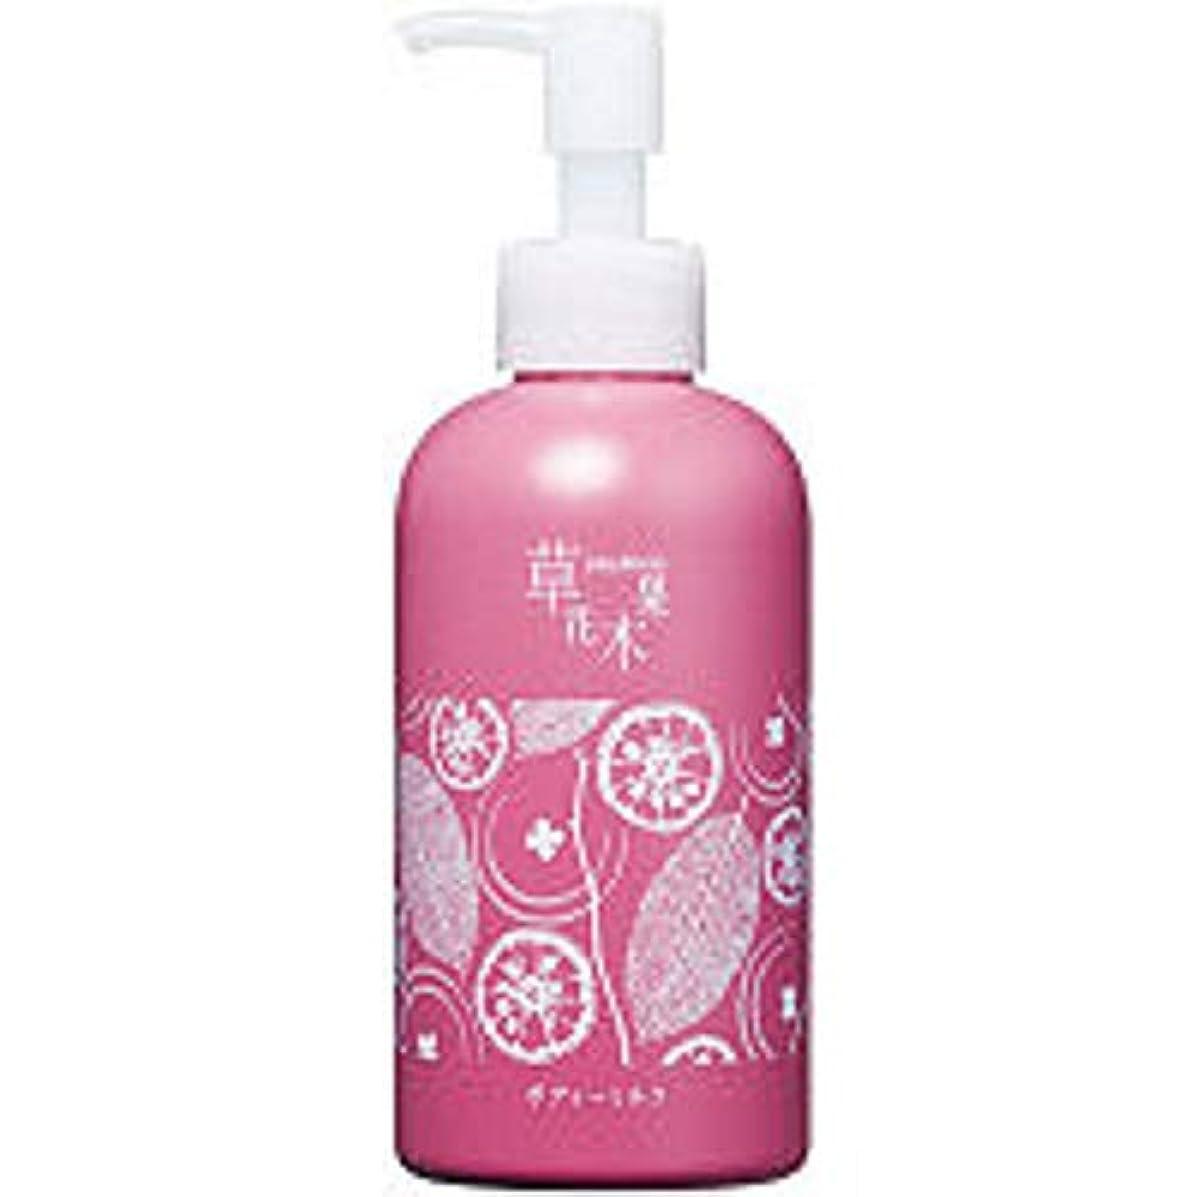 草花木果(そうかもっか) アロマボディミルク(花の香りのボディミルク)(200mL 約30回分?両腕と両脚に使用した場合) ボディーミルク 保湿